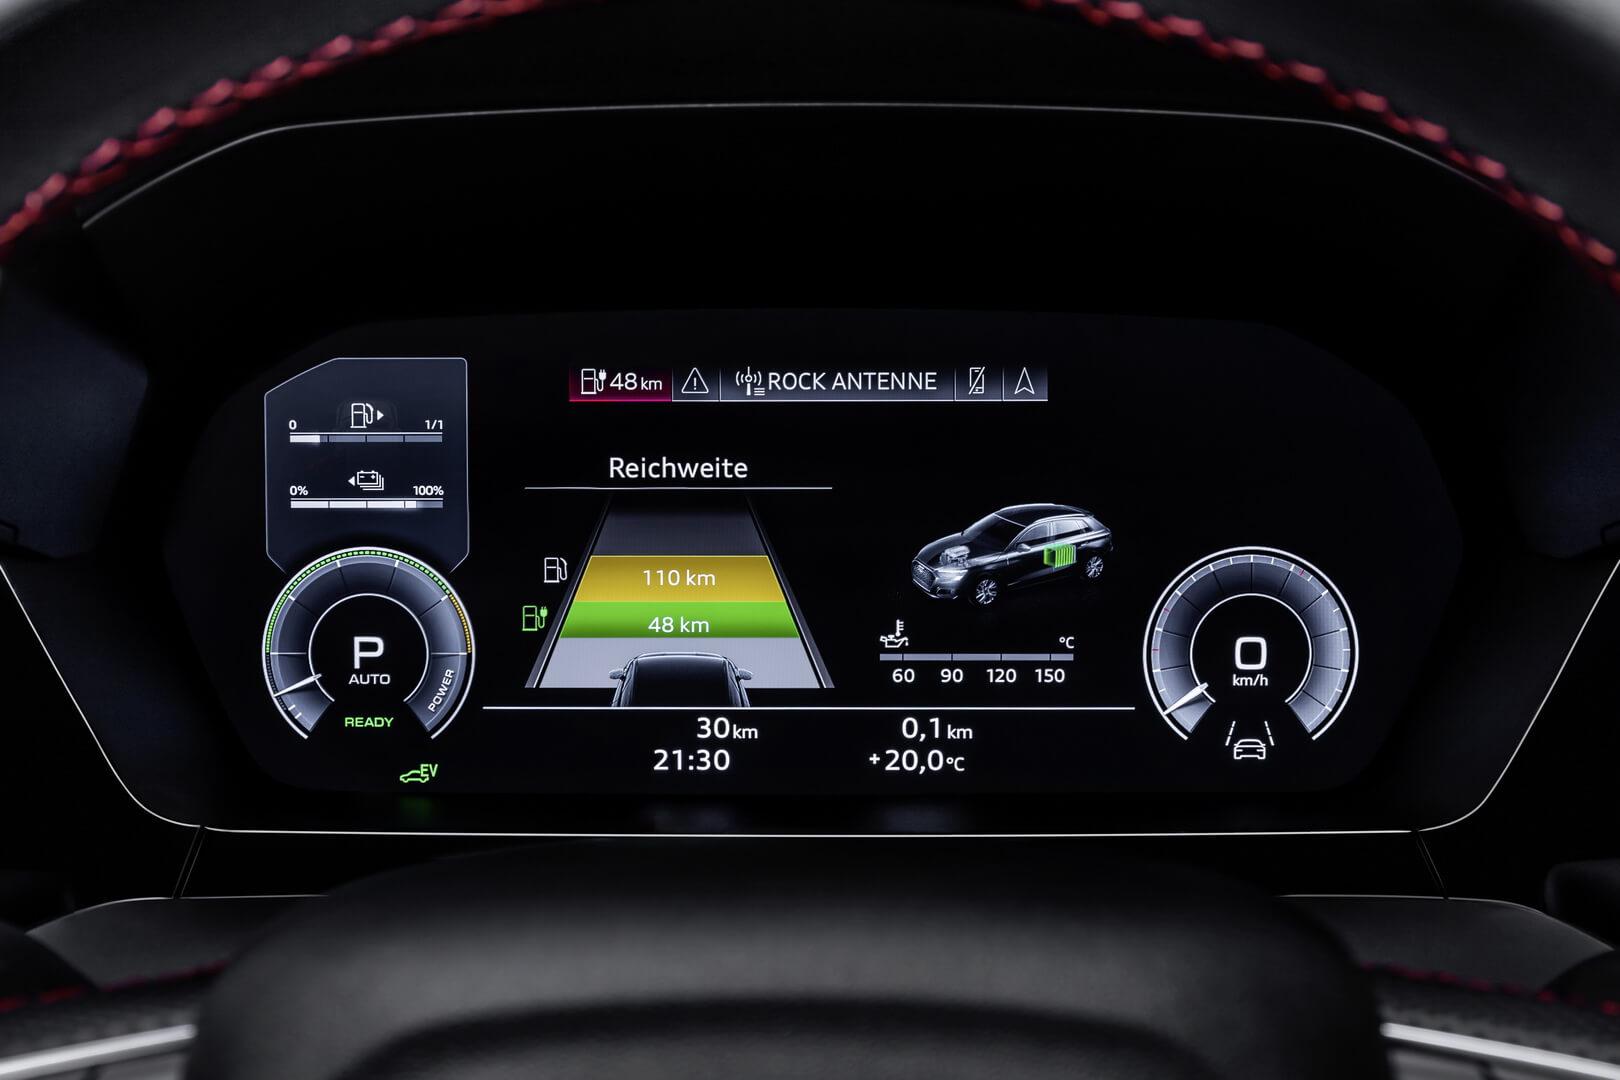 Информация о запасе хода на приборной панели Audi A3 Sportback 45 TFSI e